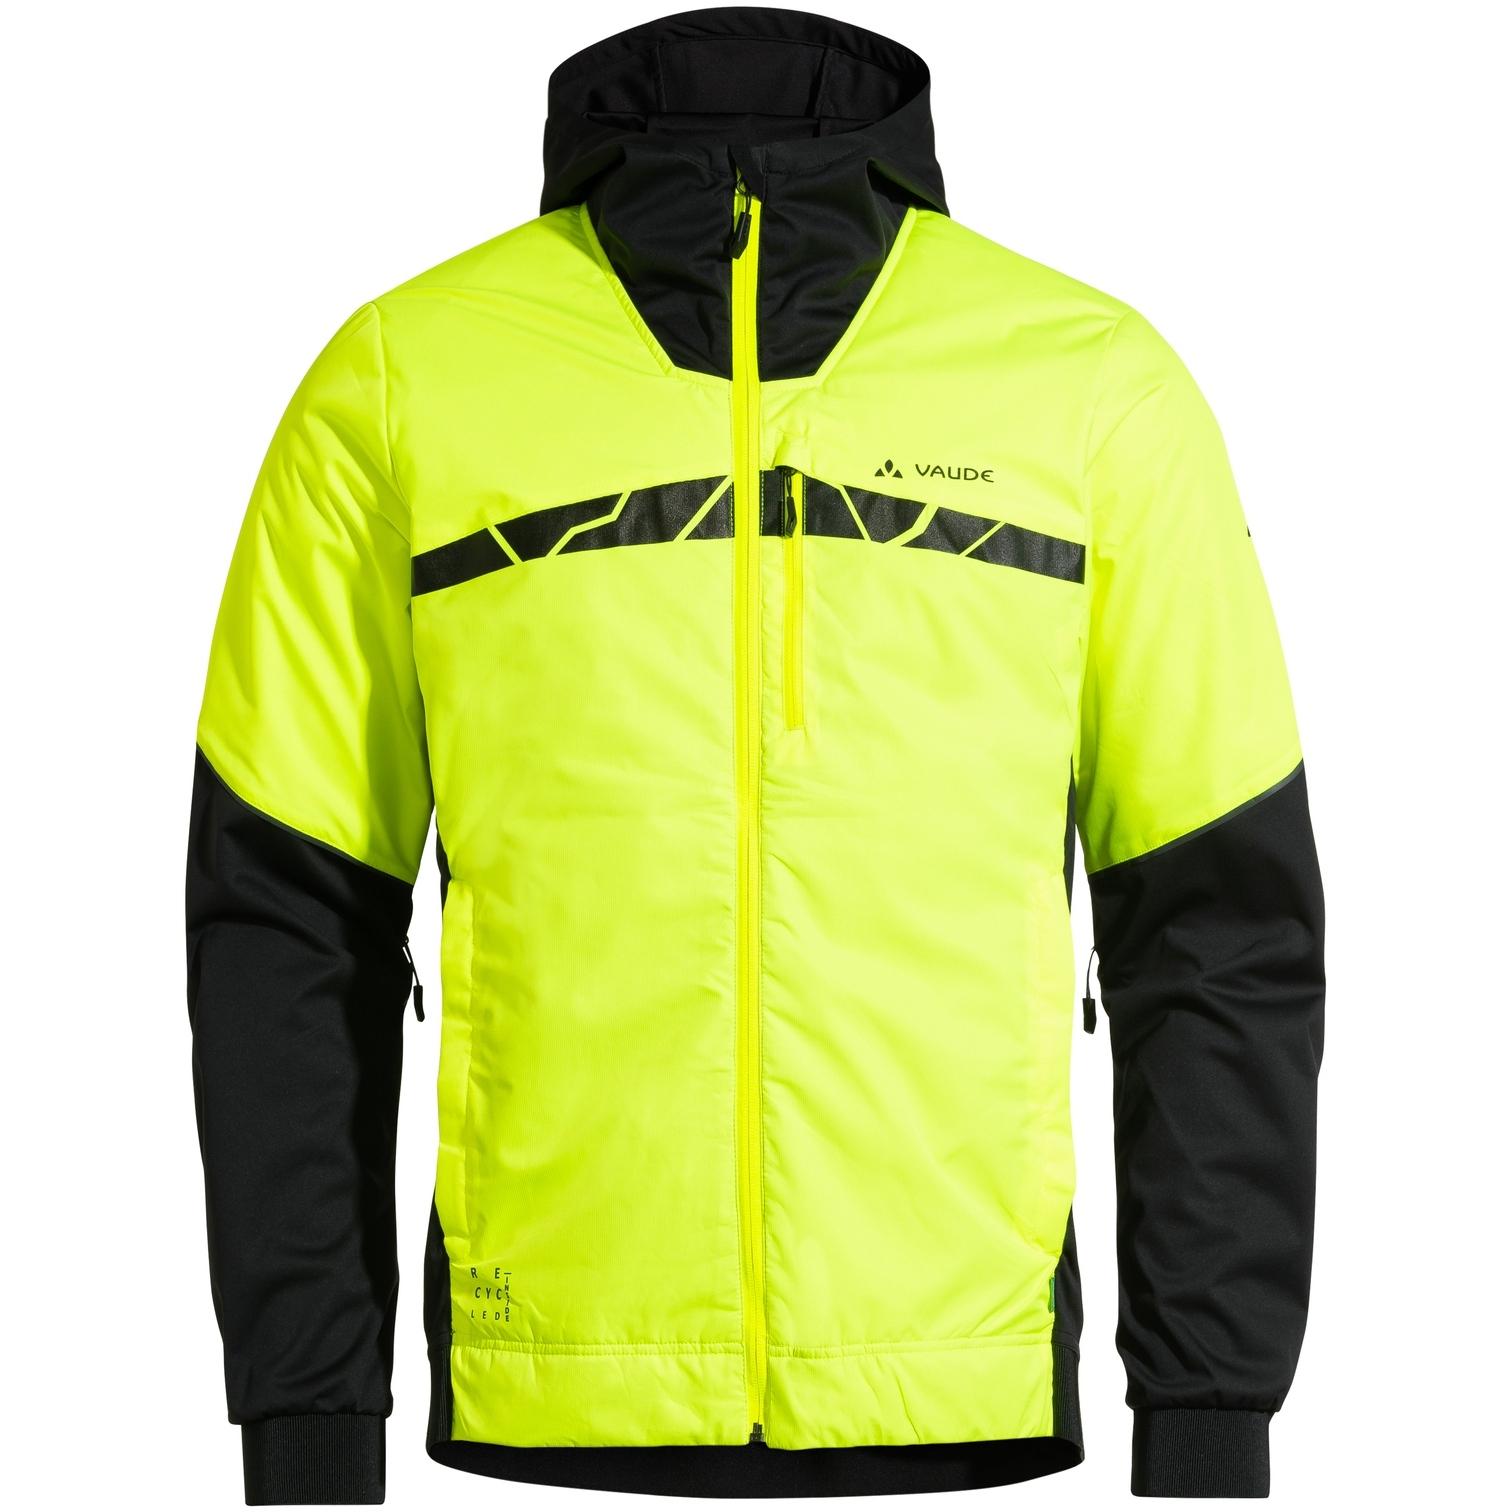 Vaude All Year Moab Jacke II - neon yellow